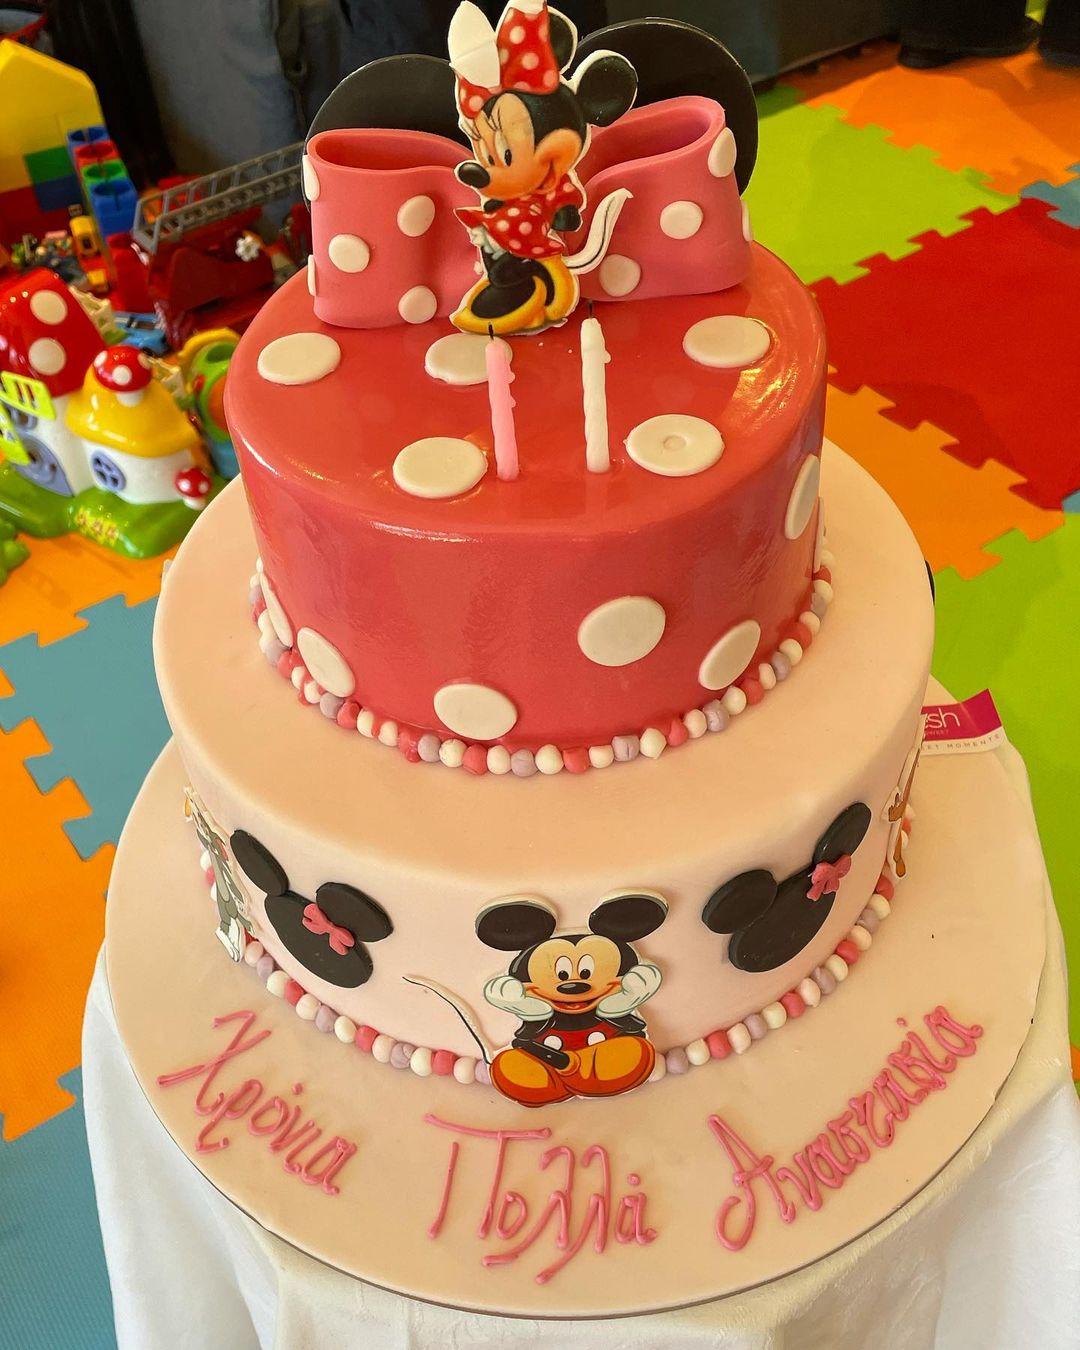 Τα γενέθλια της κόρης της Δουκισσας Νομικού- Η τριώροφη τούρτα και το υπέροχο φόρεμα της μικρής! (εικόνες)